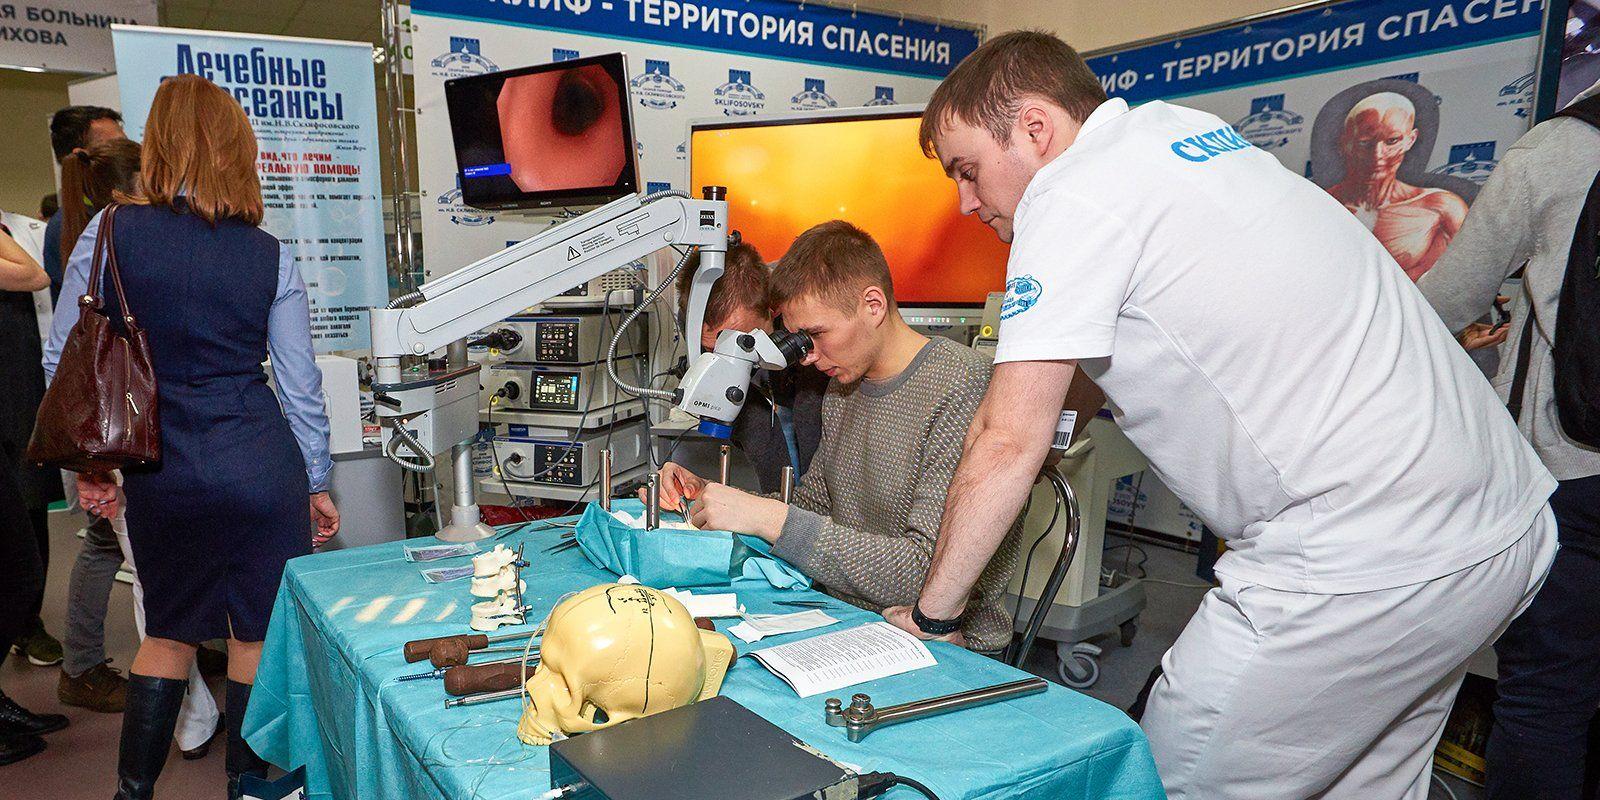 Мировые эксперты обсудят достижения московской медицины